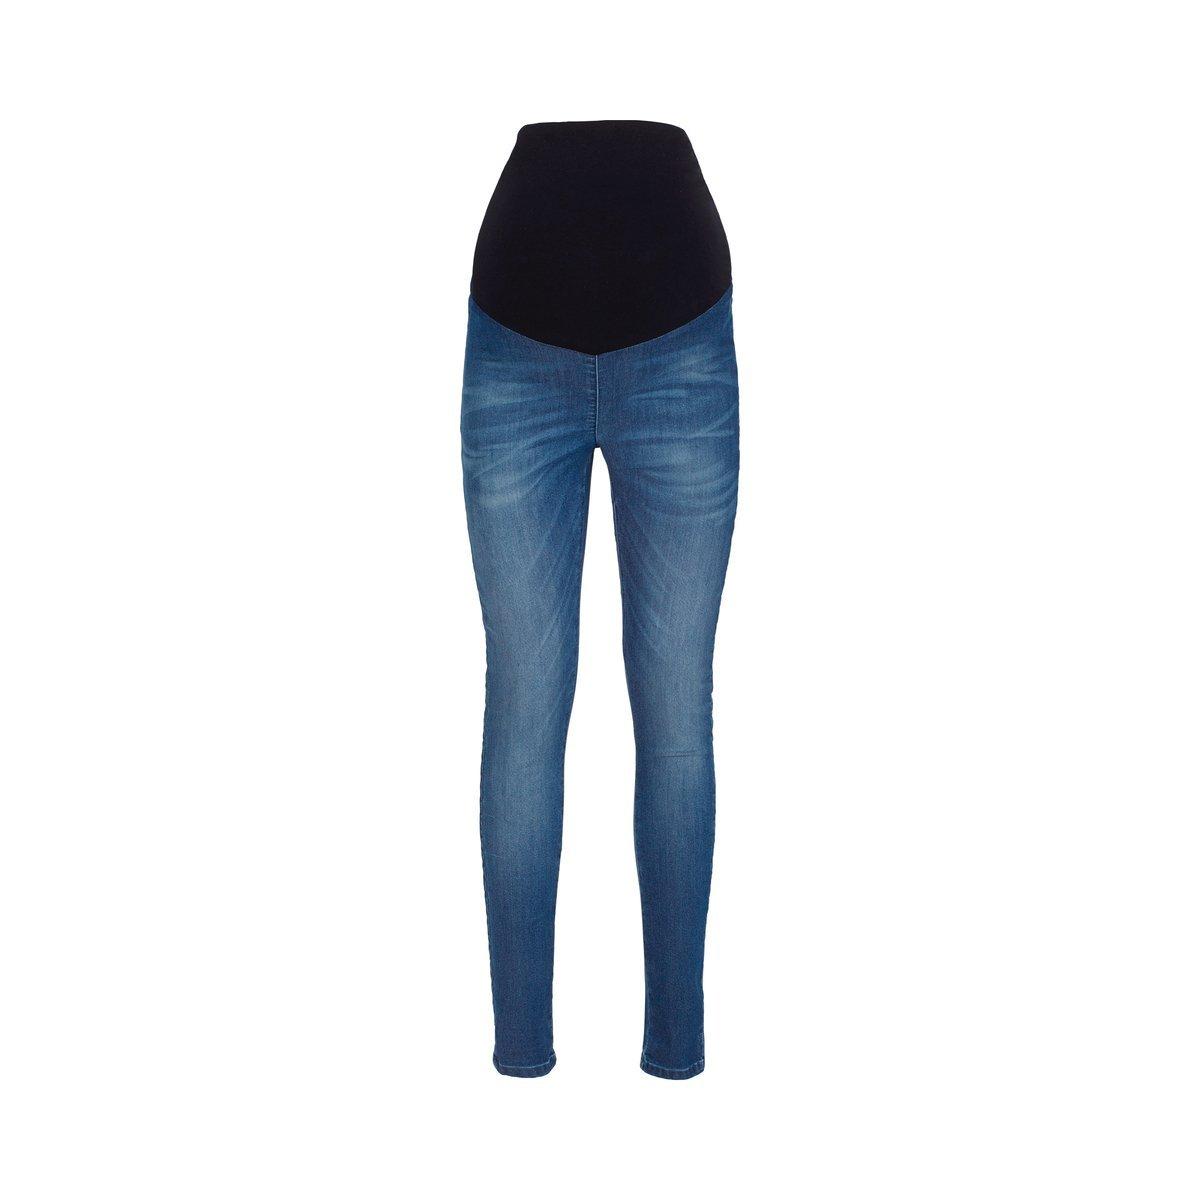 2HEARTS Umstands-Jeans Jeggings Denim blau//Umstandshose//Schwangerschaftshose//Damen Umstandsmode//Jeans f/ür werdende Mamas